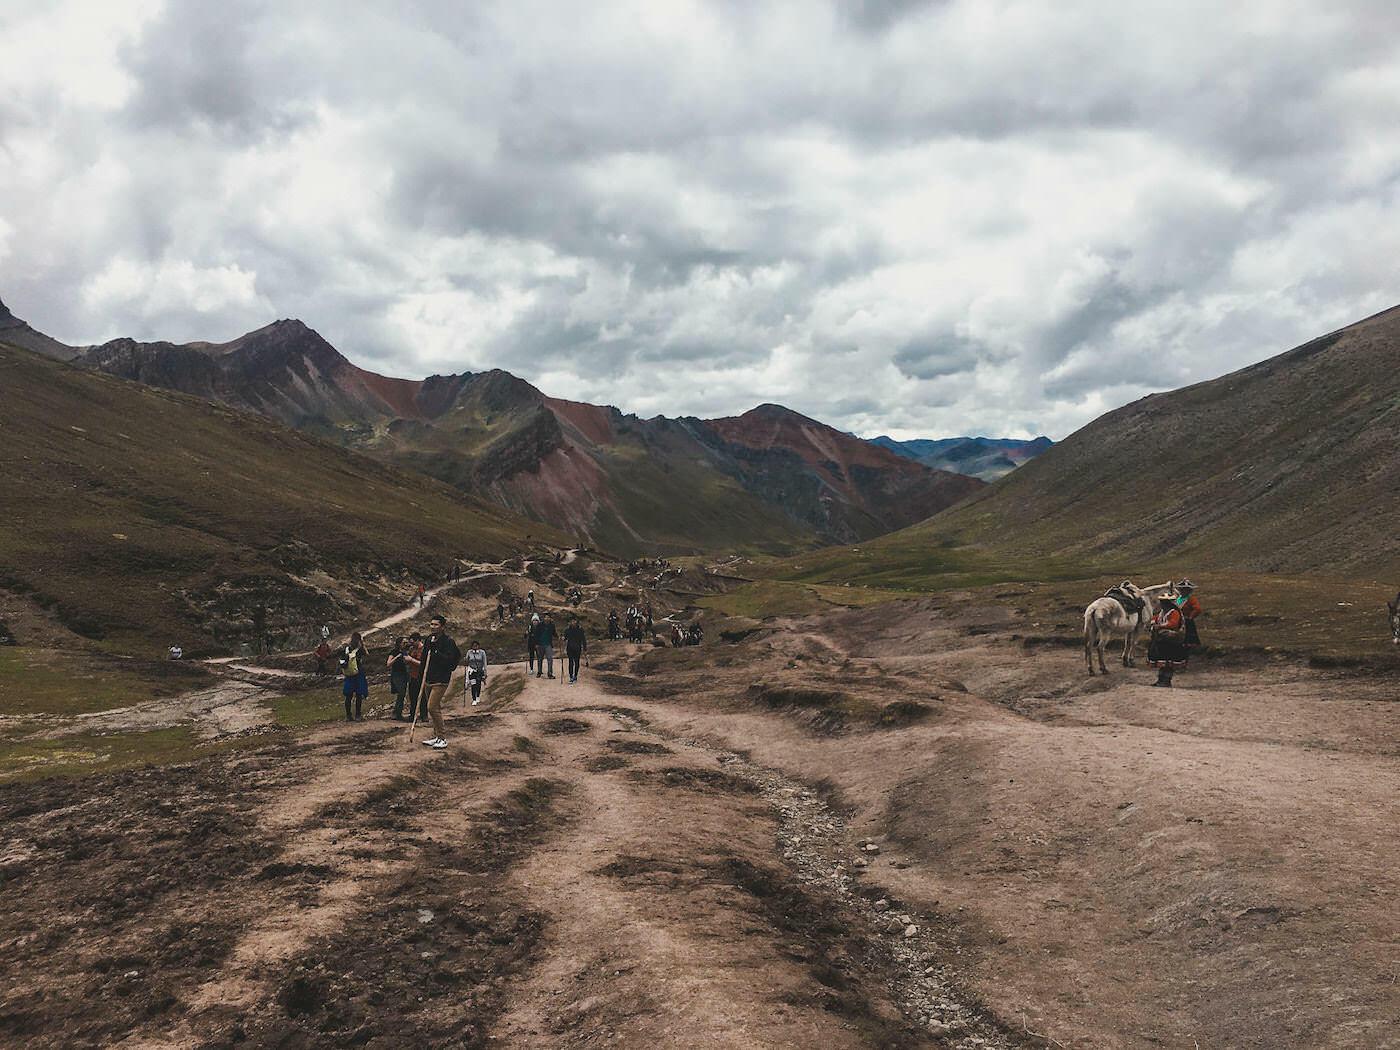 Szlak na szczyt tęczowej góry